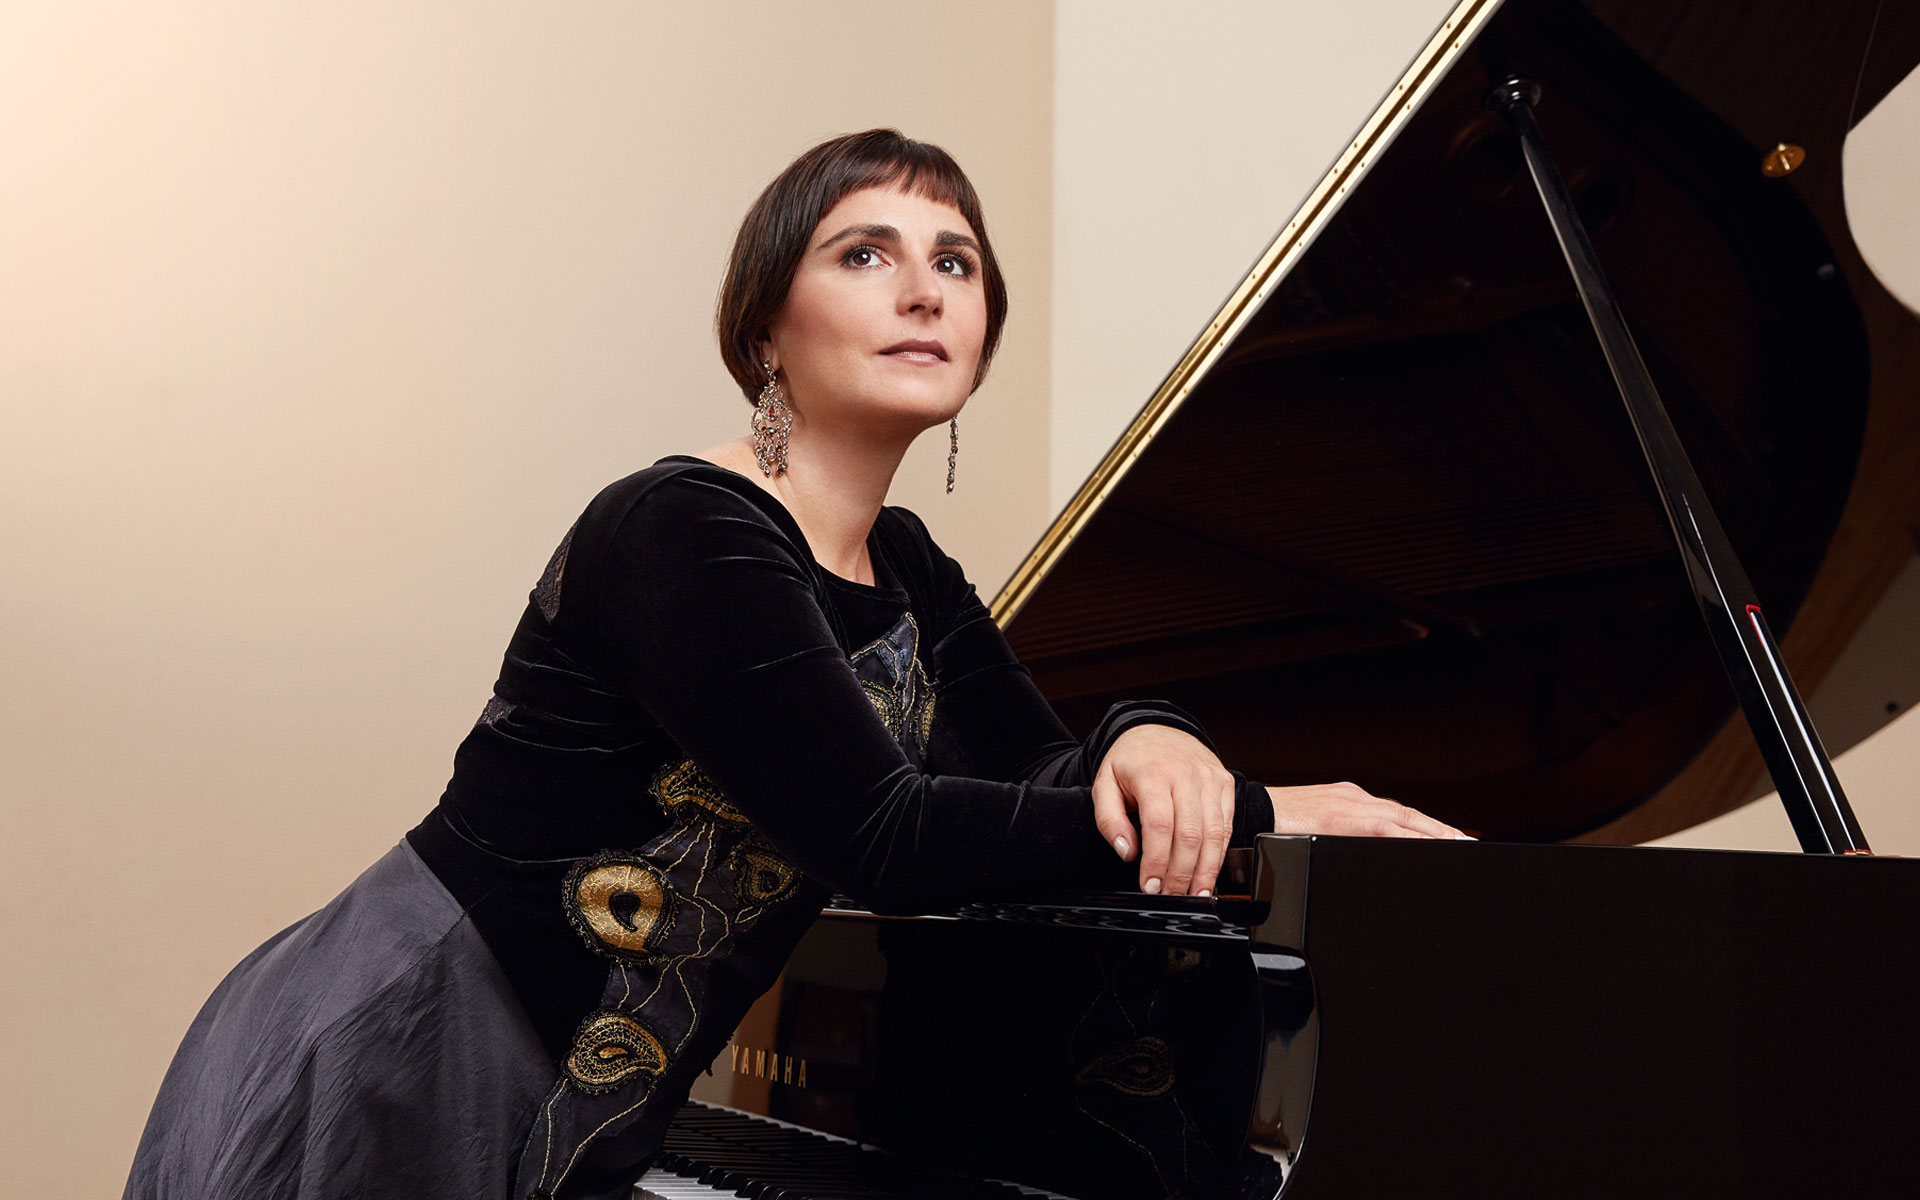 Natali Pavlovic lehnt sich auf ihr Klavier